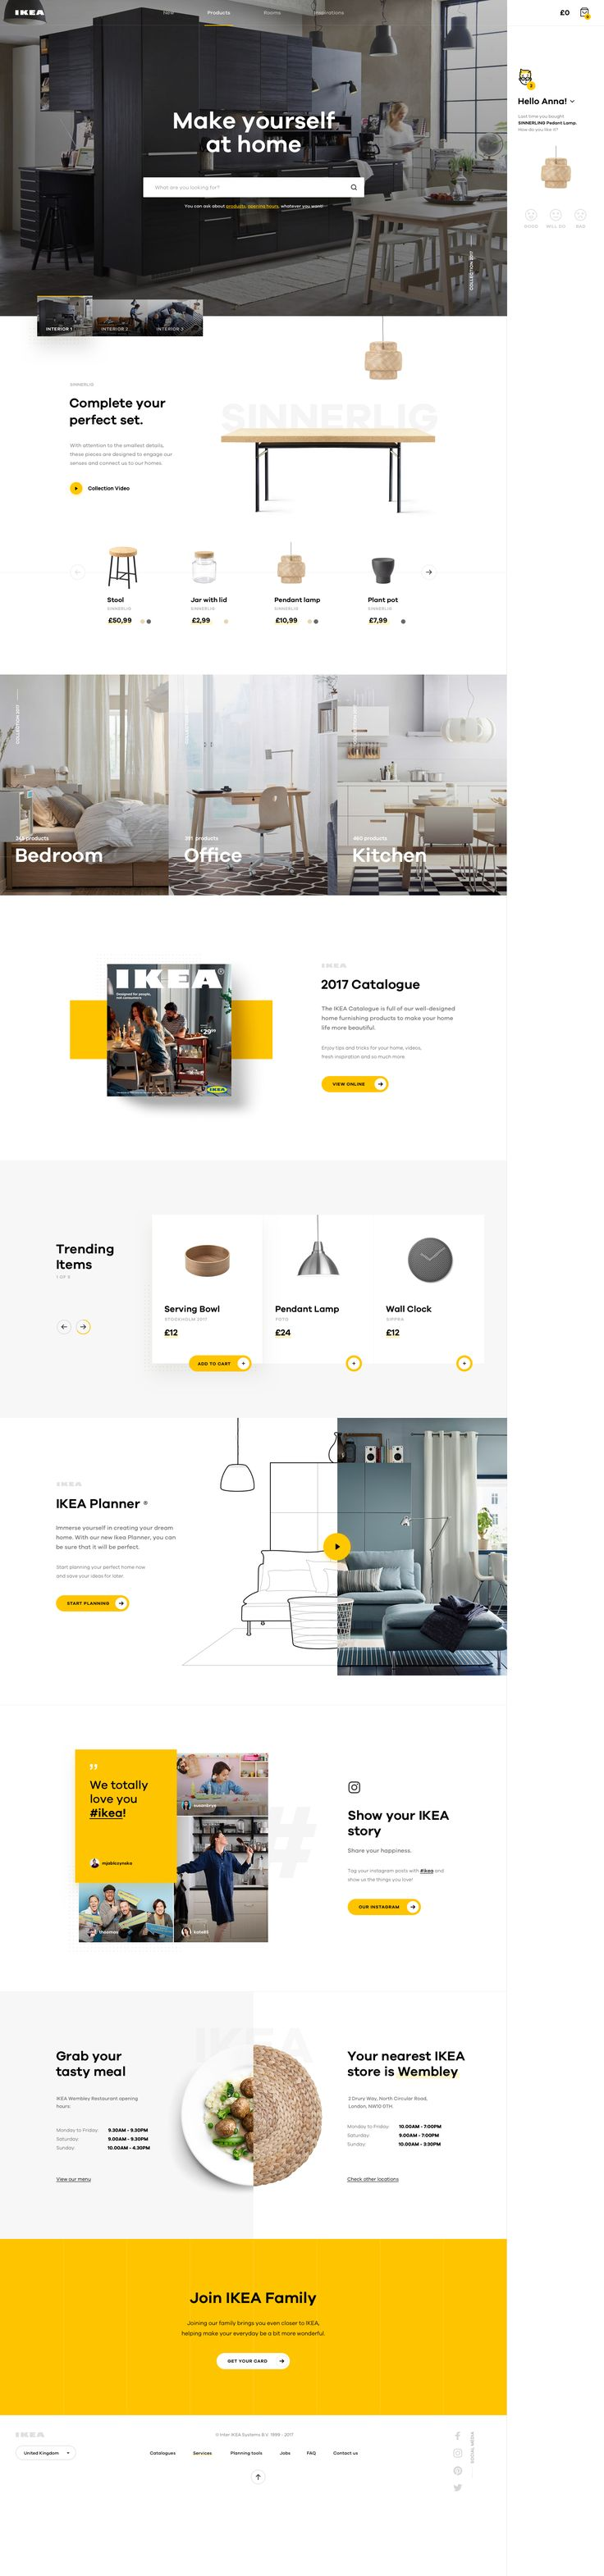 Ikea homepage